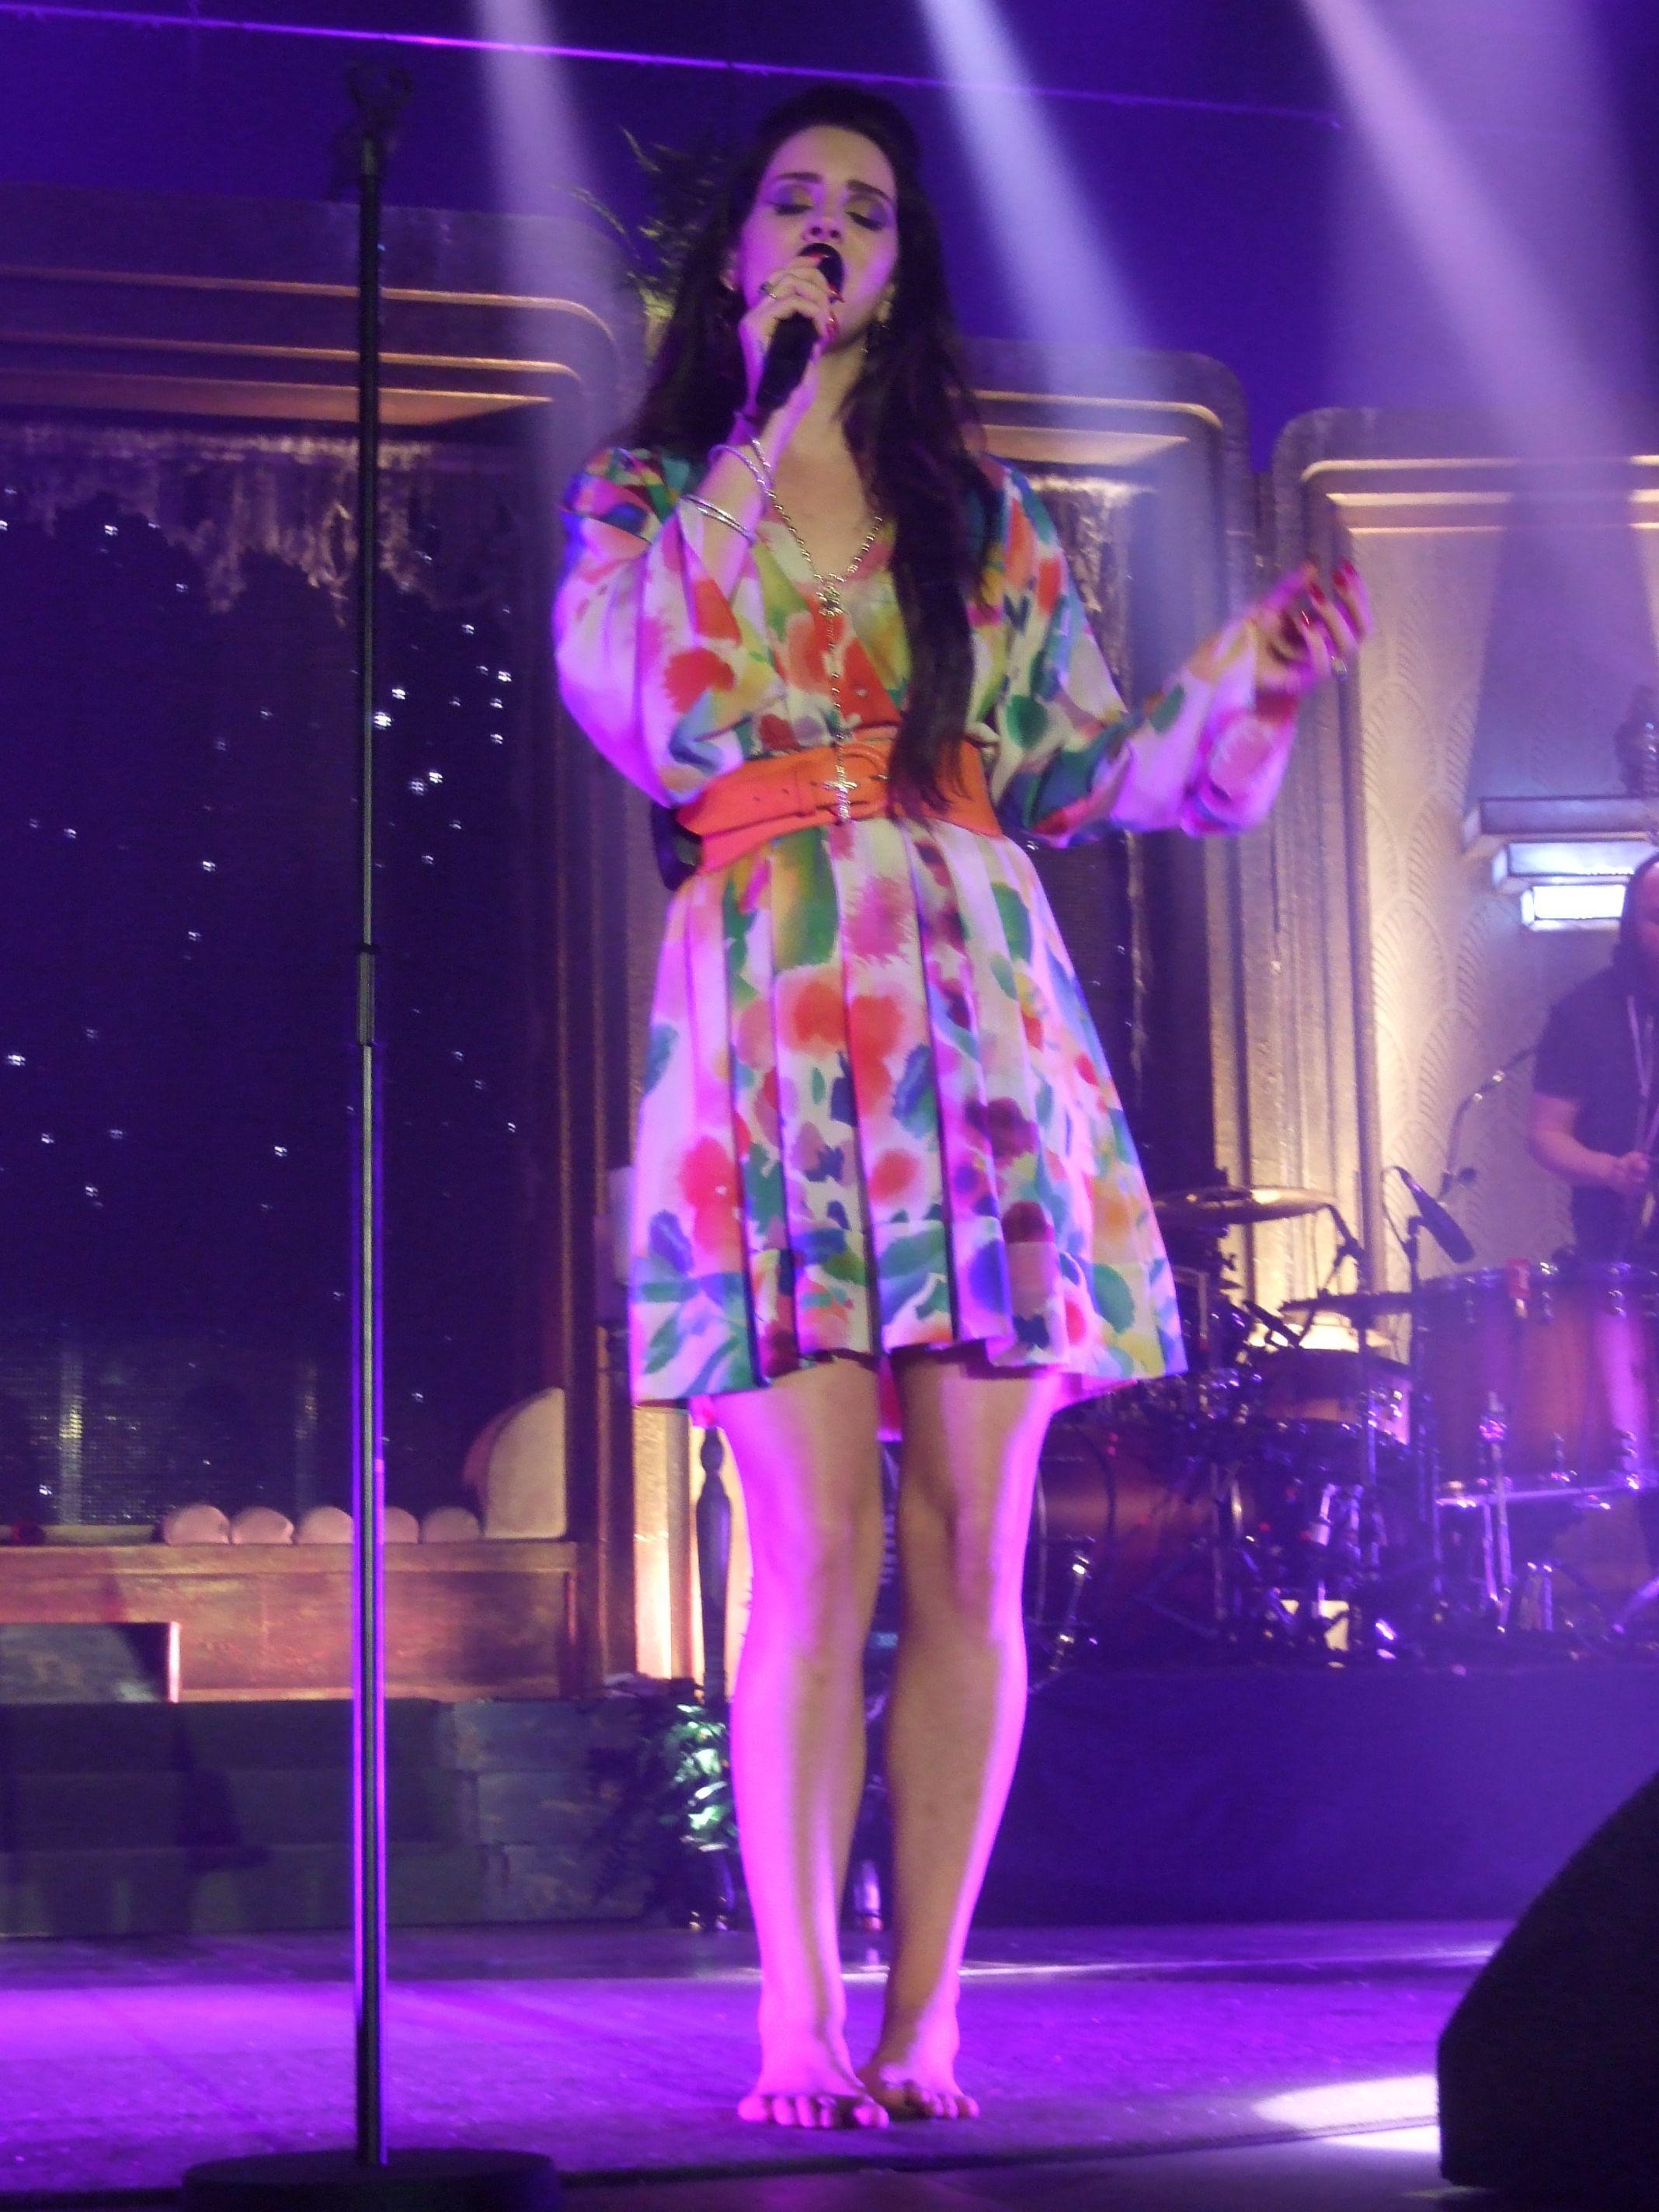 Lana-Del-Rey-Feet-985135.jpg (2136×2848)